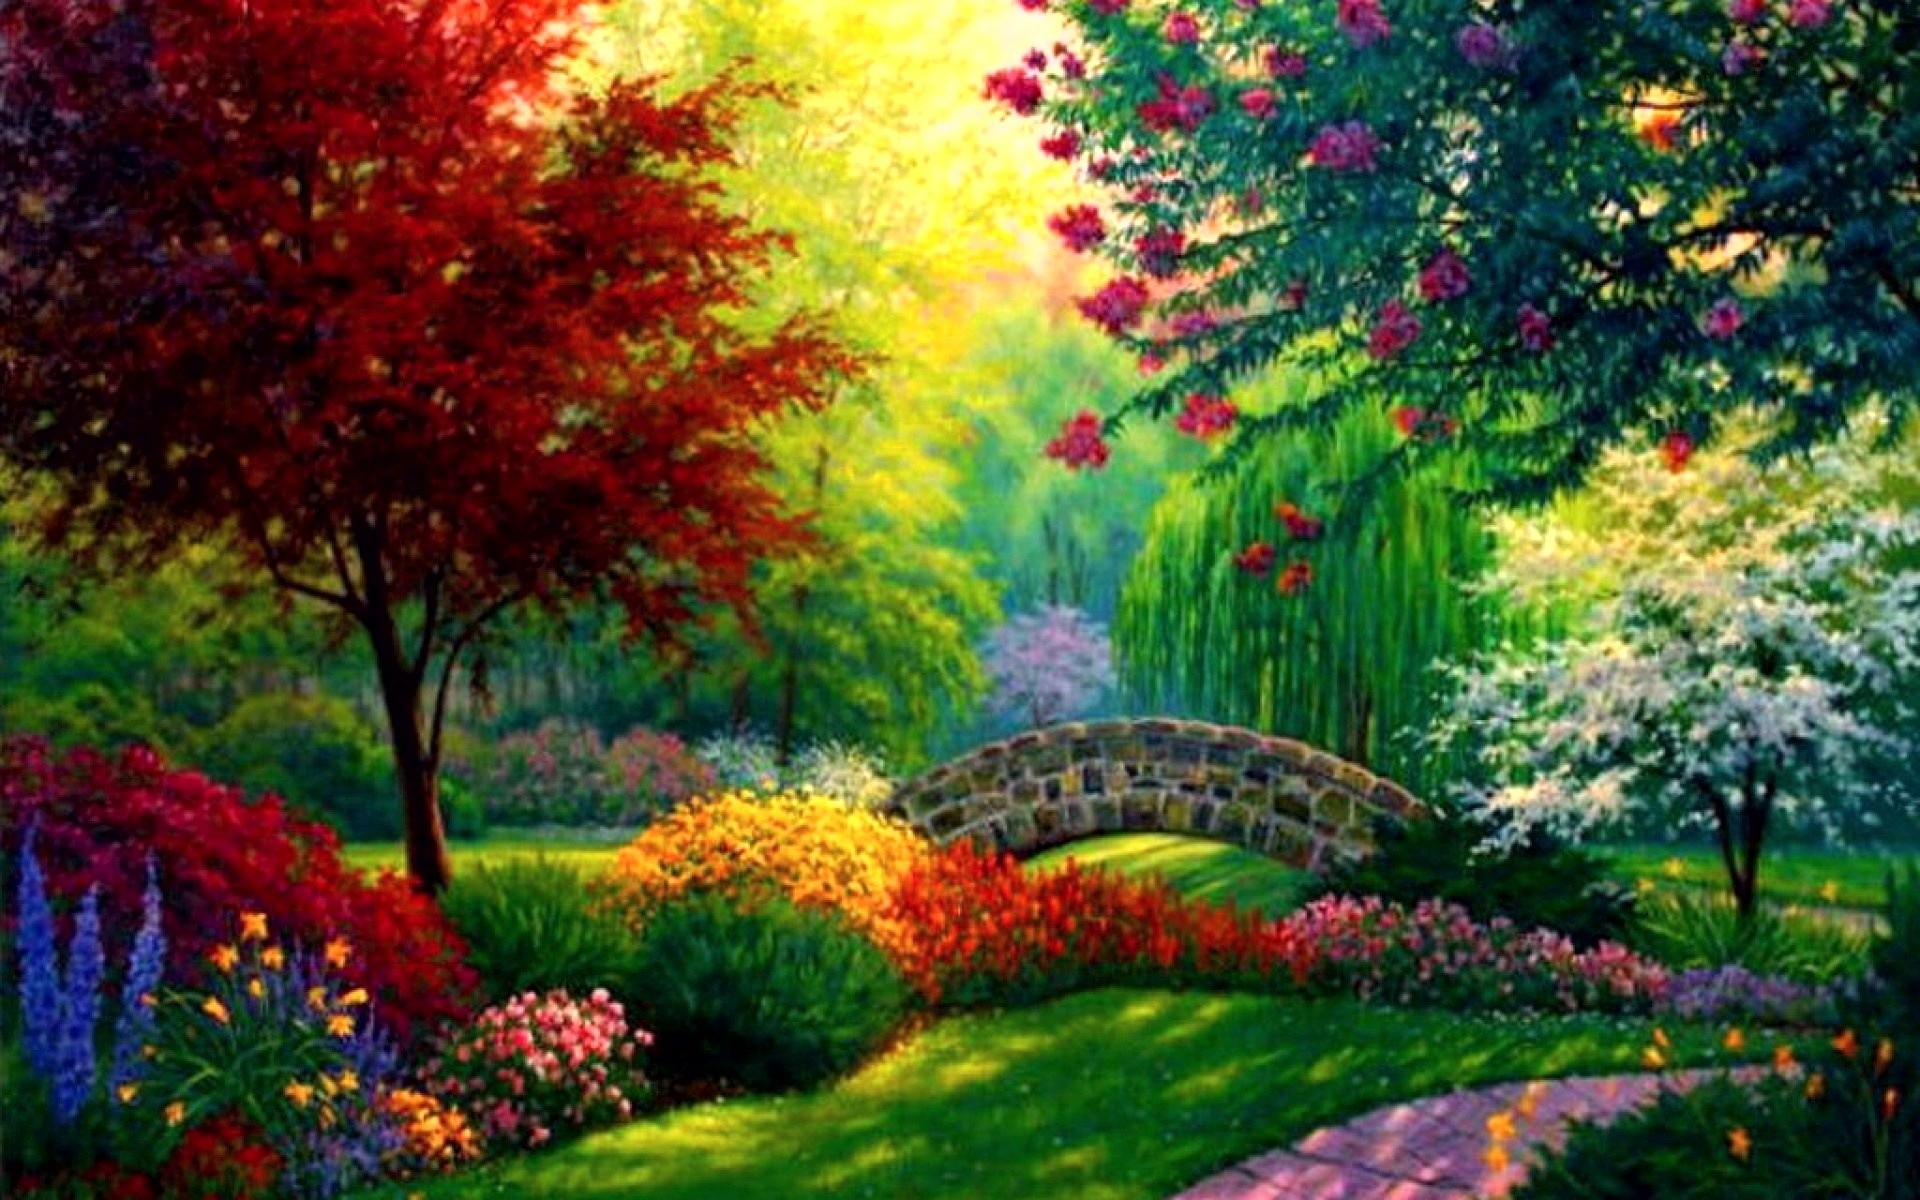 1920x1080 Download Beautiful Nature Images Gaziantep Evdeneve Gaziantepevdeneve